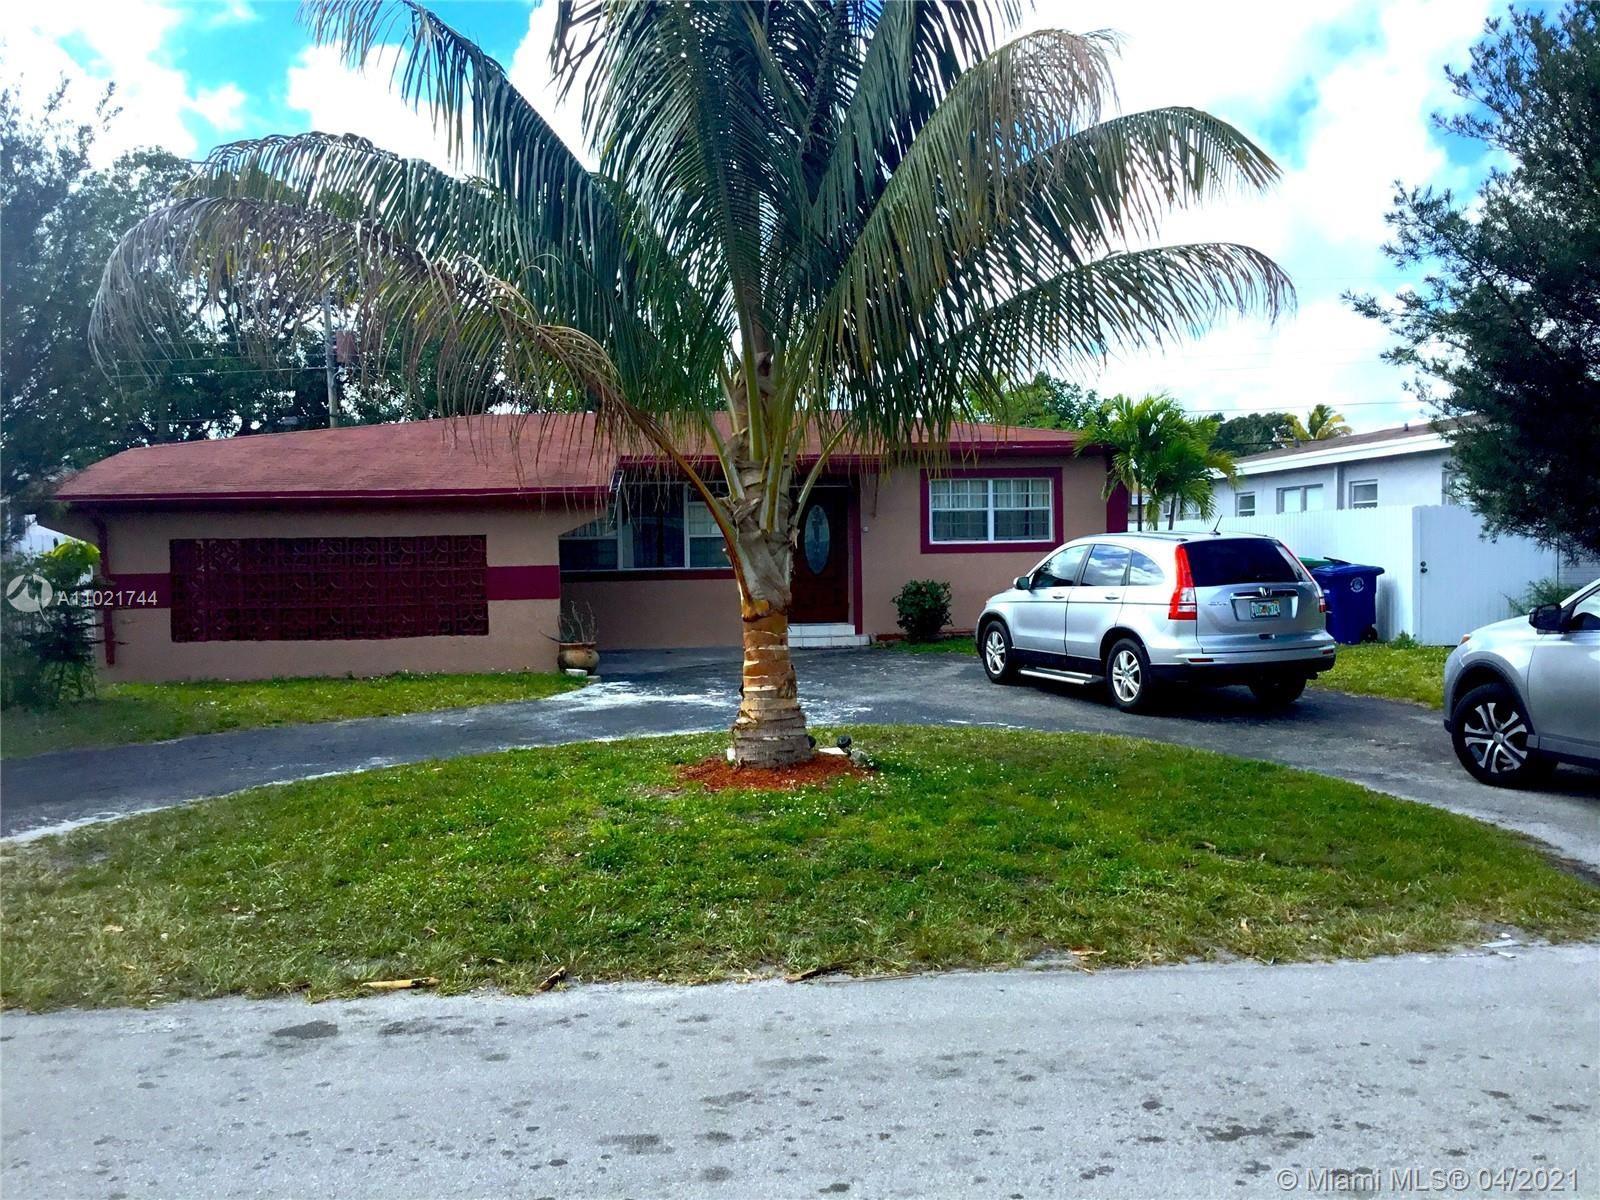 7904 Kismet St, Miramar, FL 33023 - #: A11021744